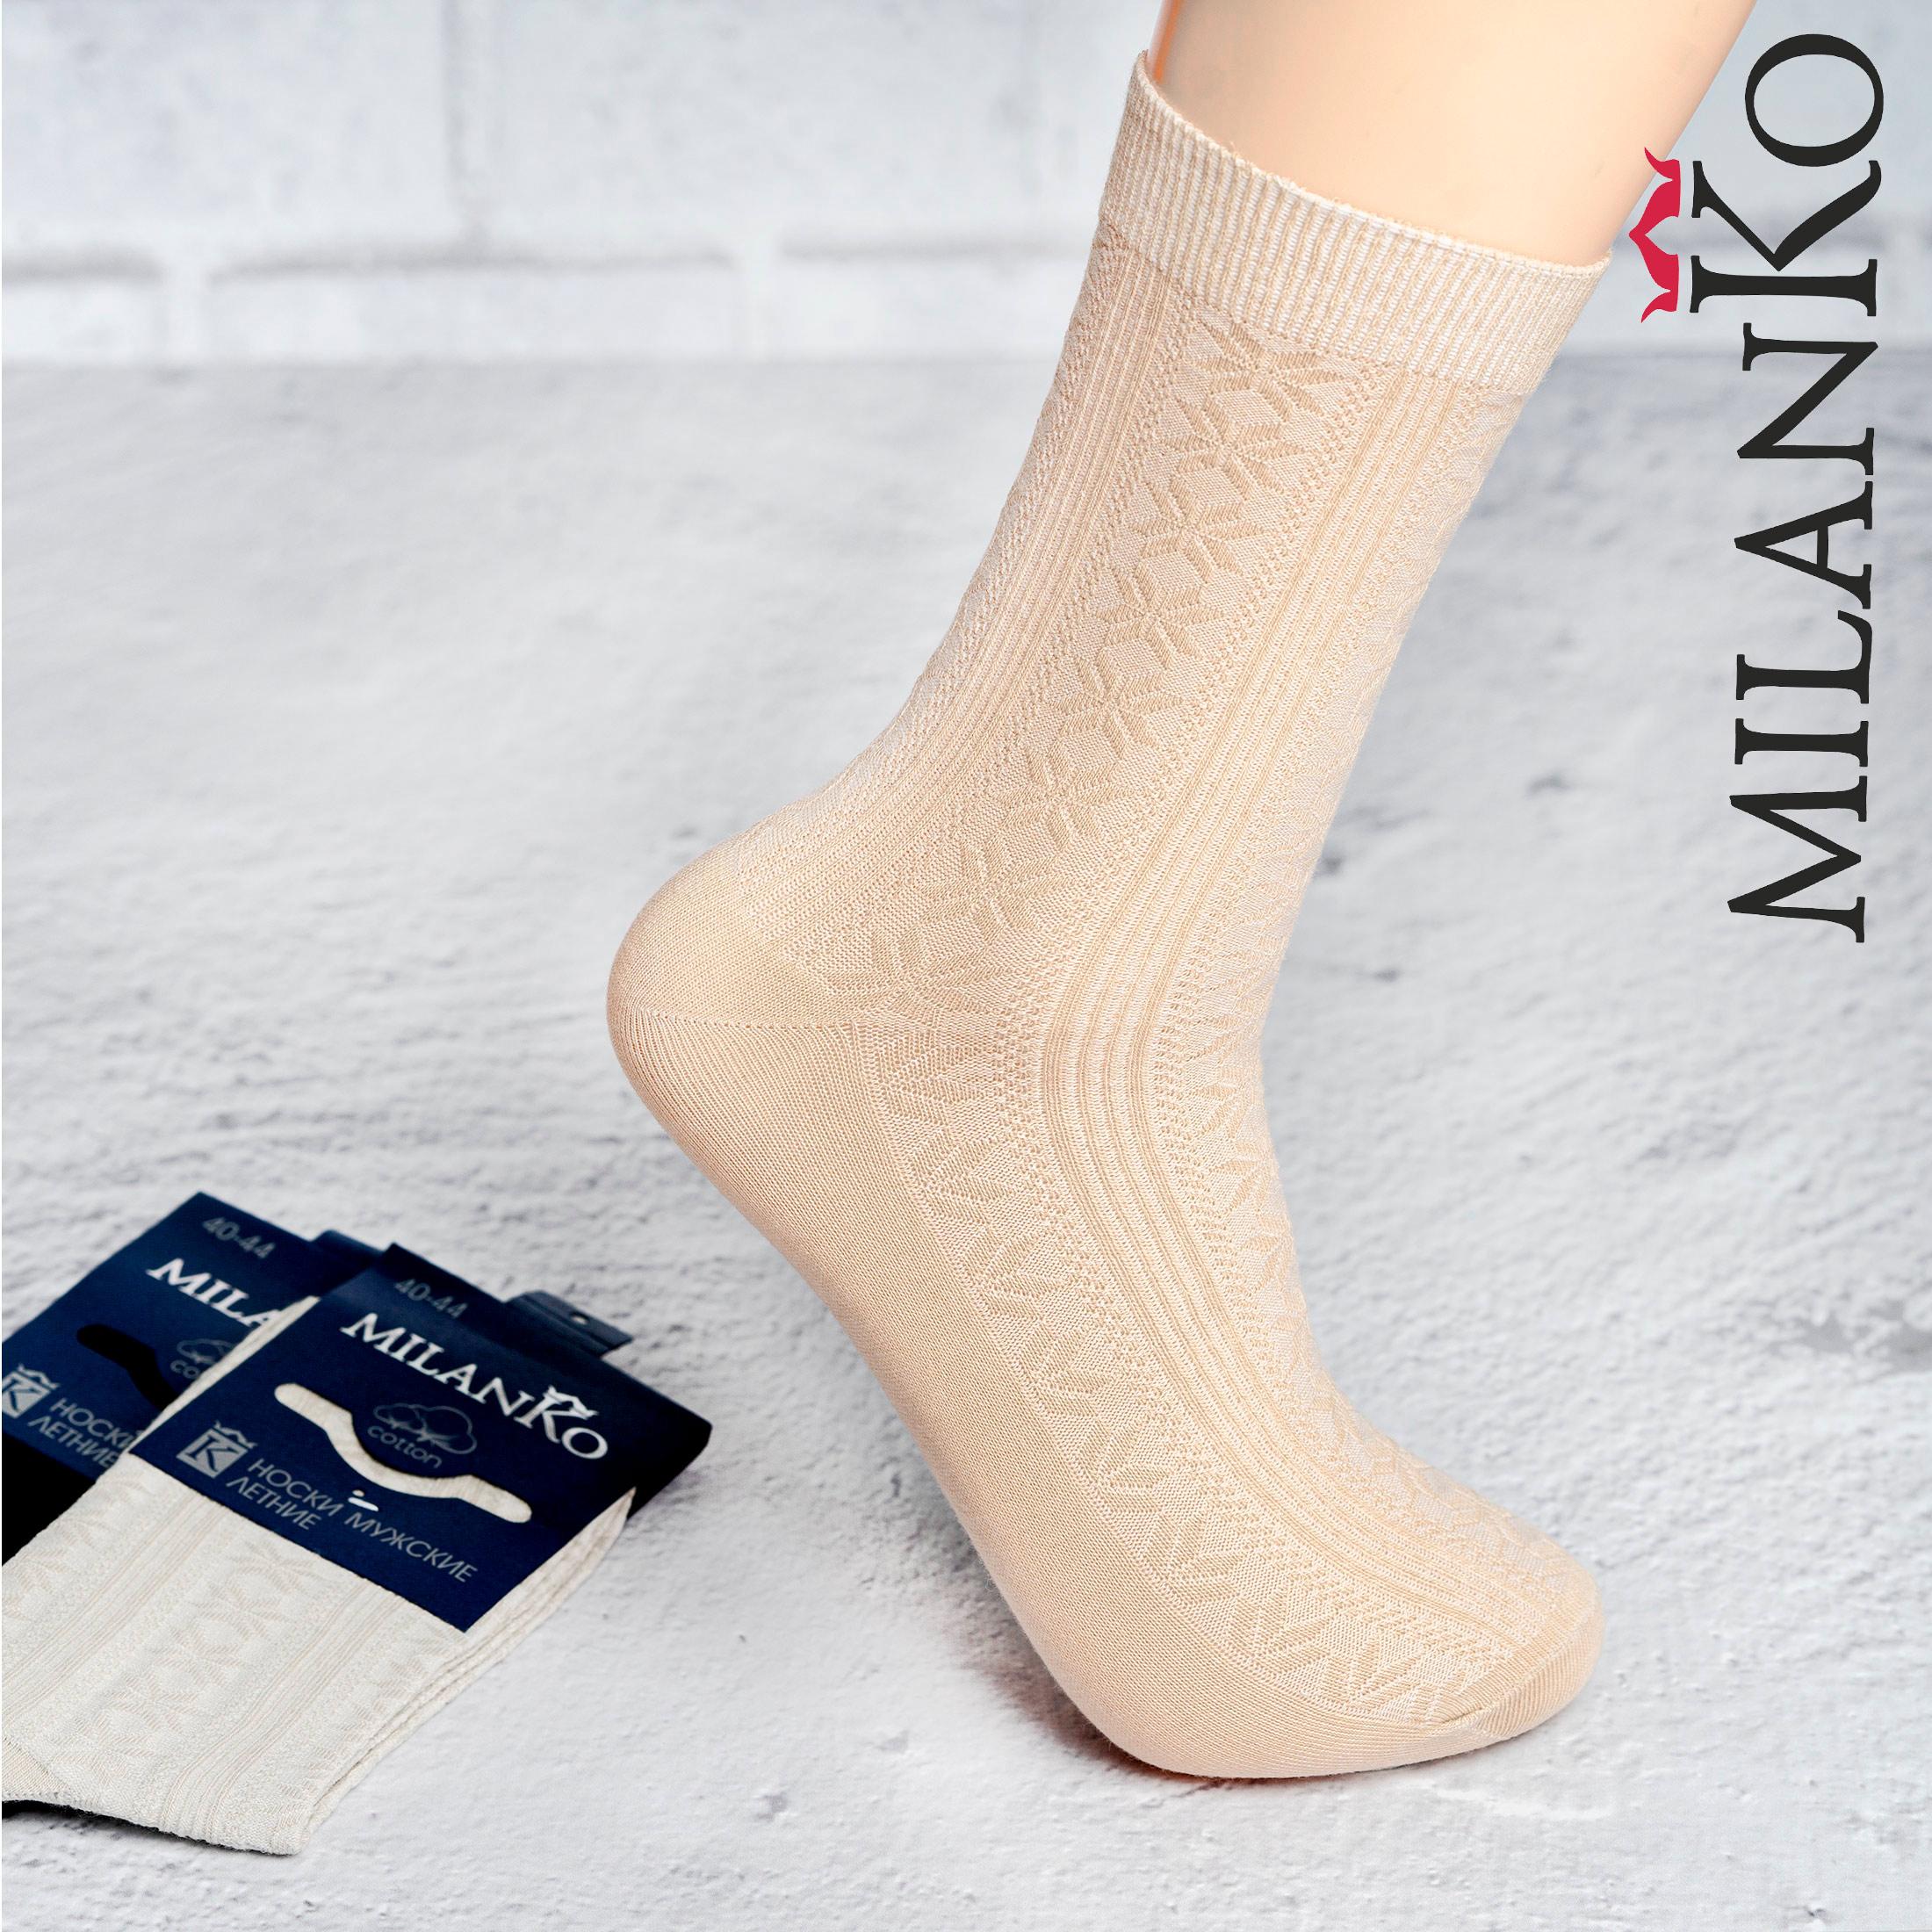 РАСПРОДАЖА 40-44 БЕЖЕВЫЙ MILANKO MILANKO   ,Мужские носки летние с выбитым рисунком (Узор 2) MilanKo N-180